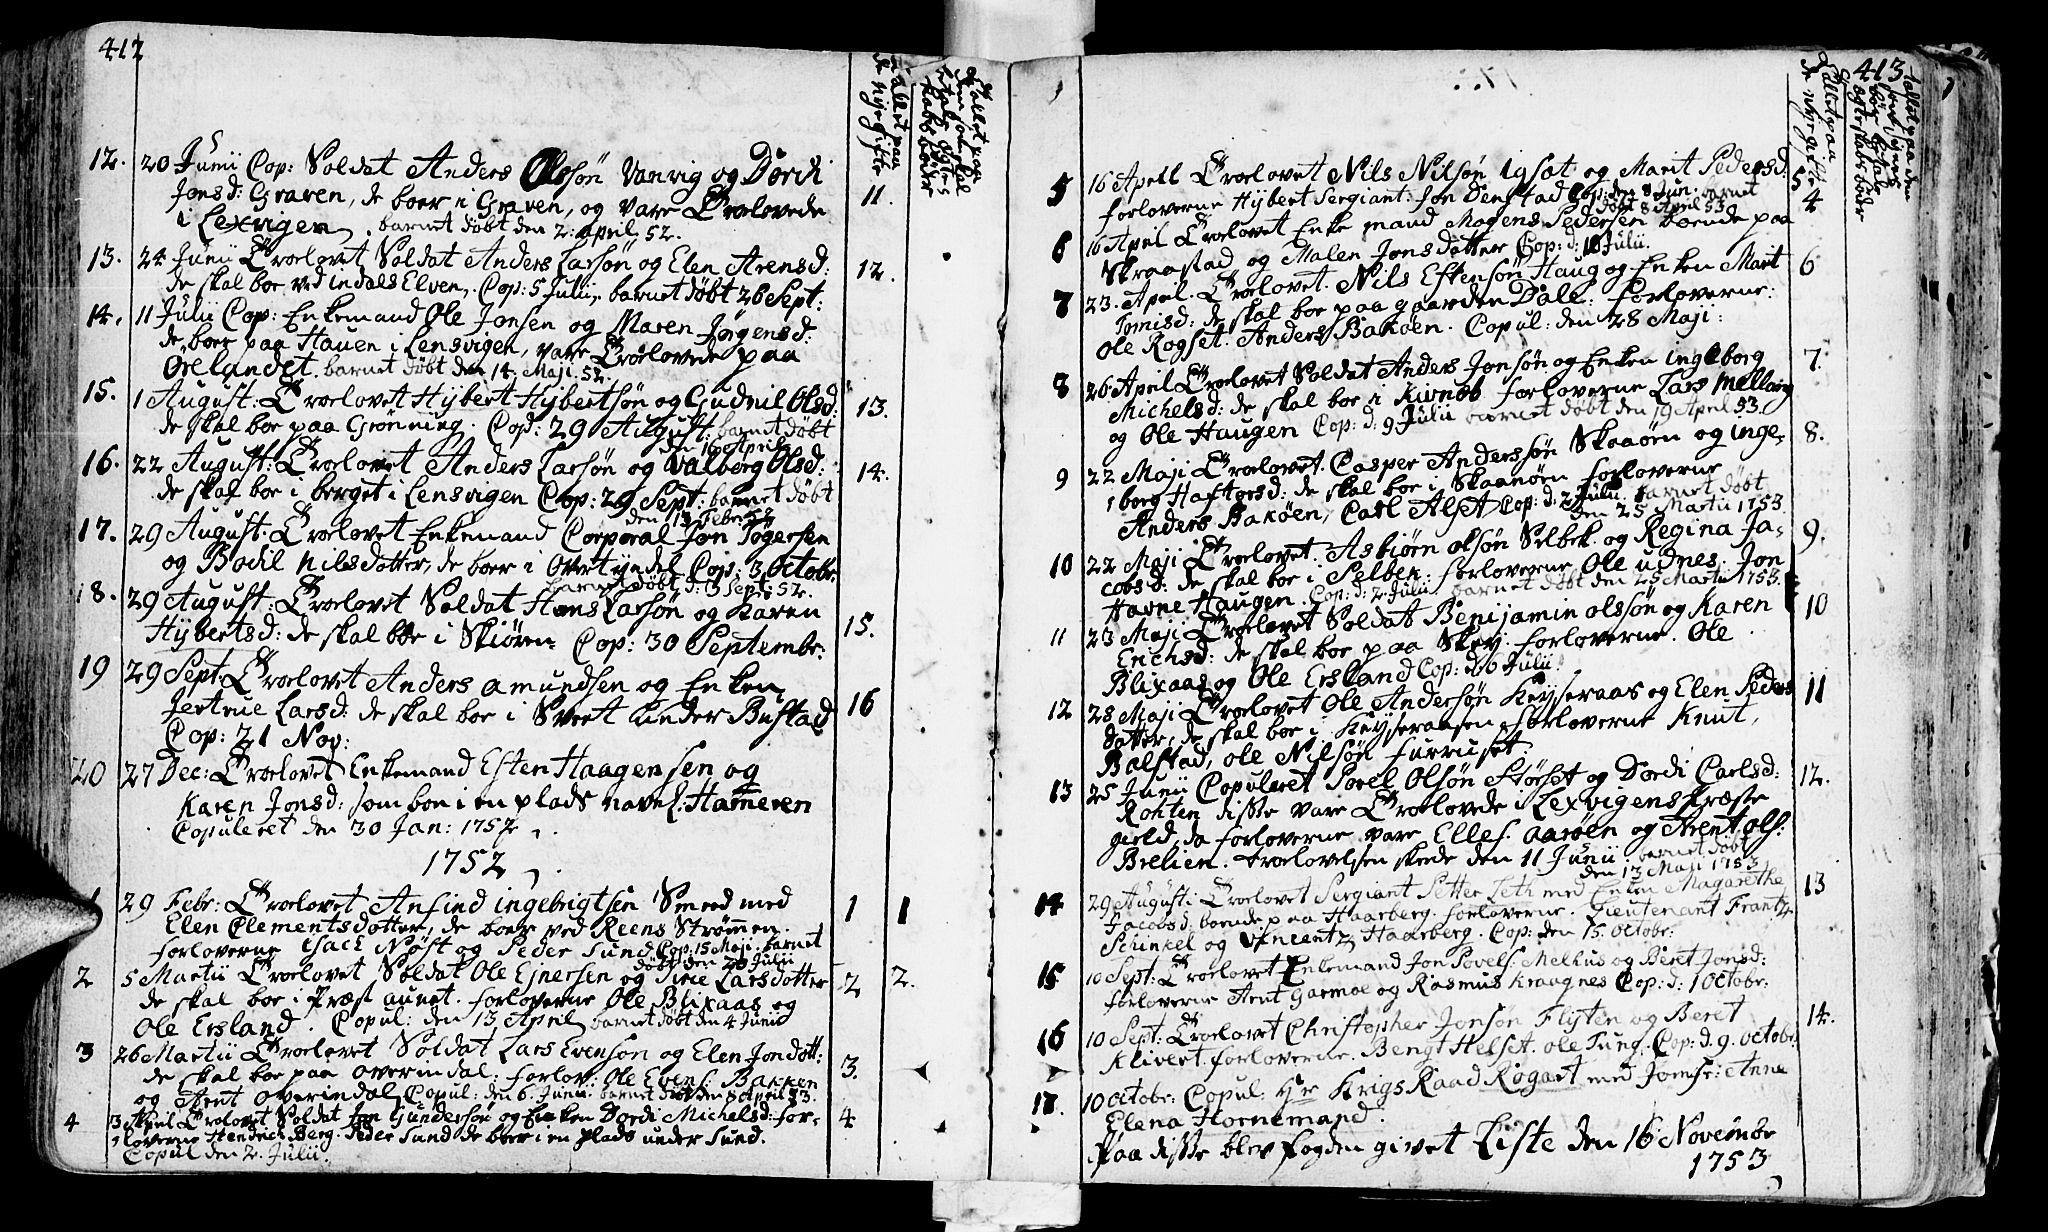 SAT, Ministerialprotokoller, klokkerbøker og fødselsregistre - Sør-Trøndelag, 646/L0605: Ministerialbok nr. 646A03, 1751-1790, s. 412-413